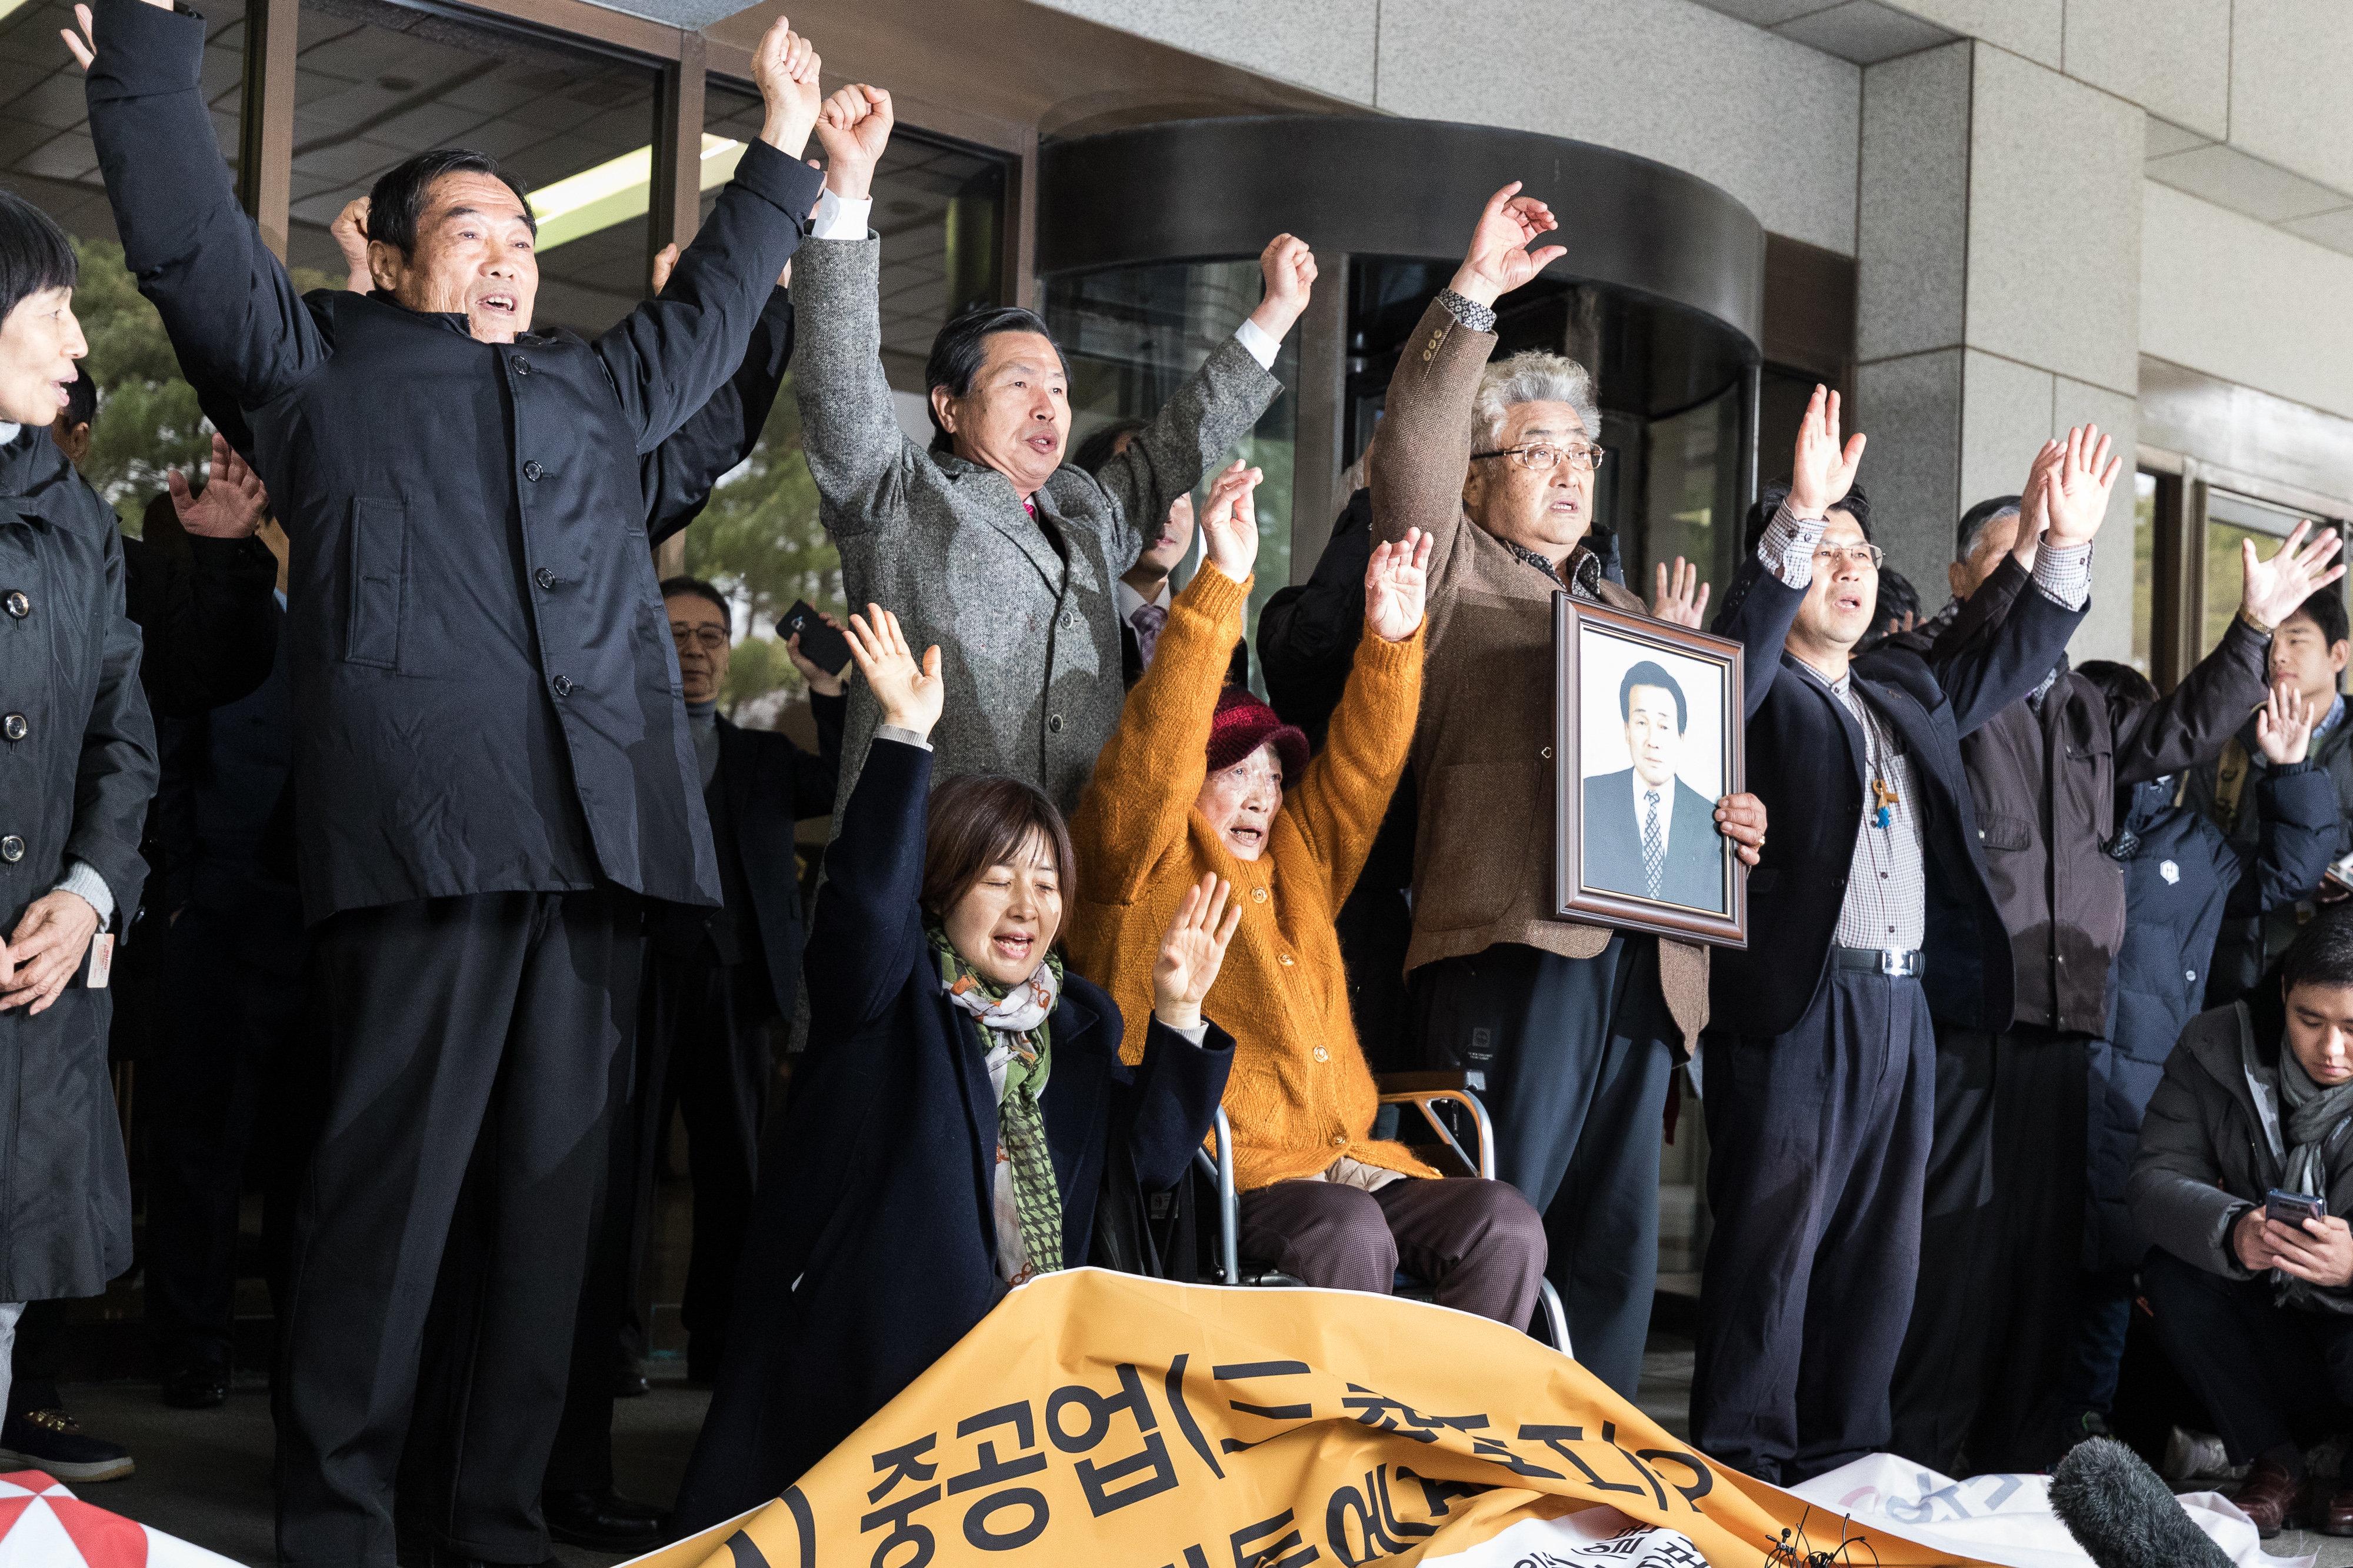 일제 강제징용 피해자 유가족들이 29일 서울 서초구 대법원에서 열린 일본 미쓰비시중공업 상대 손해배상 청구소송에서 이긴 뒤 만세를 외치고